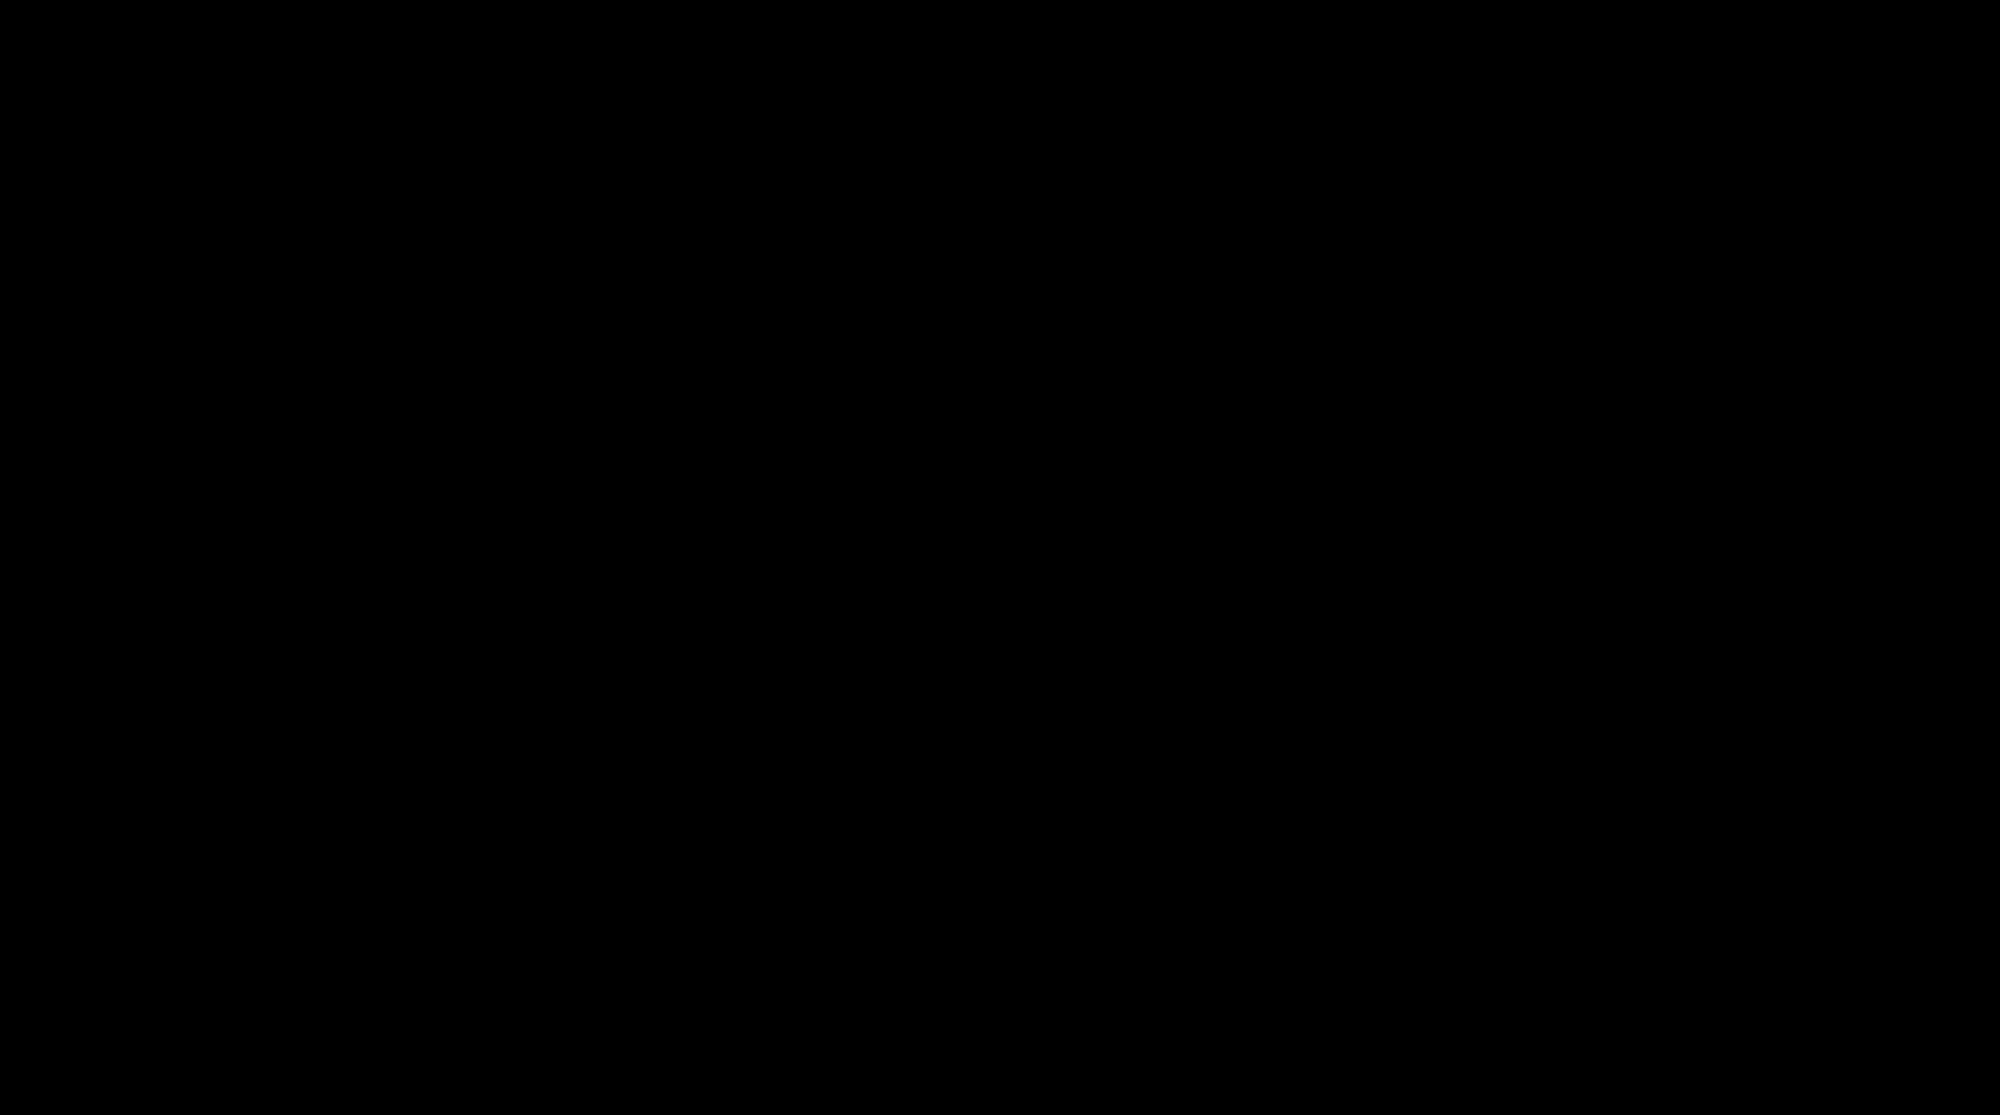 www.vjesu.cz